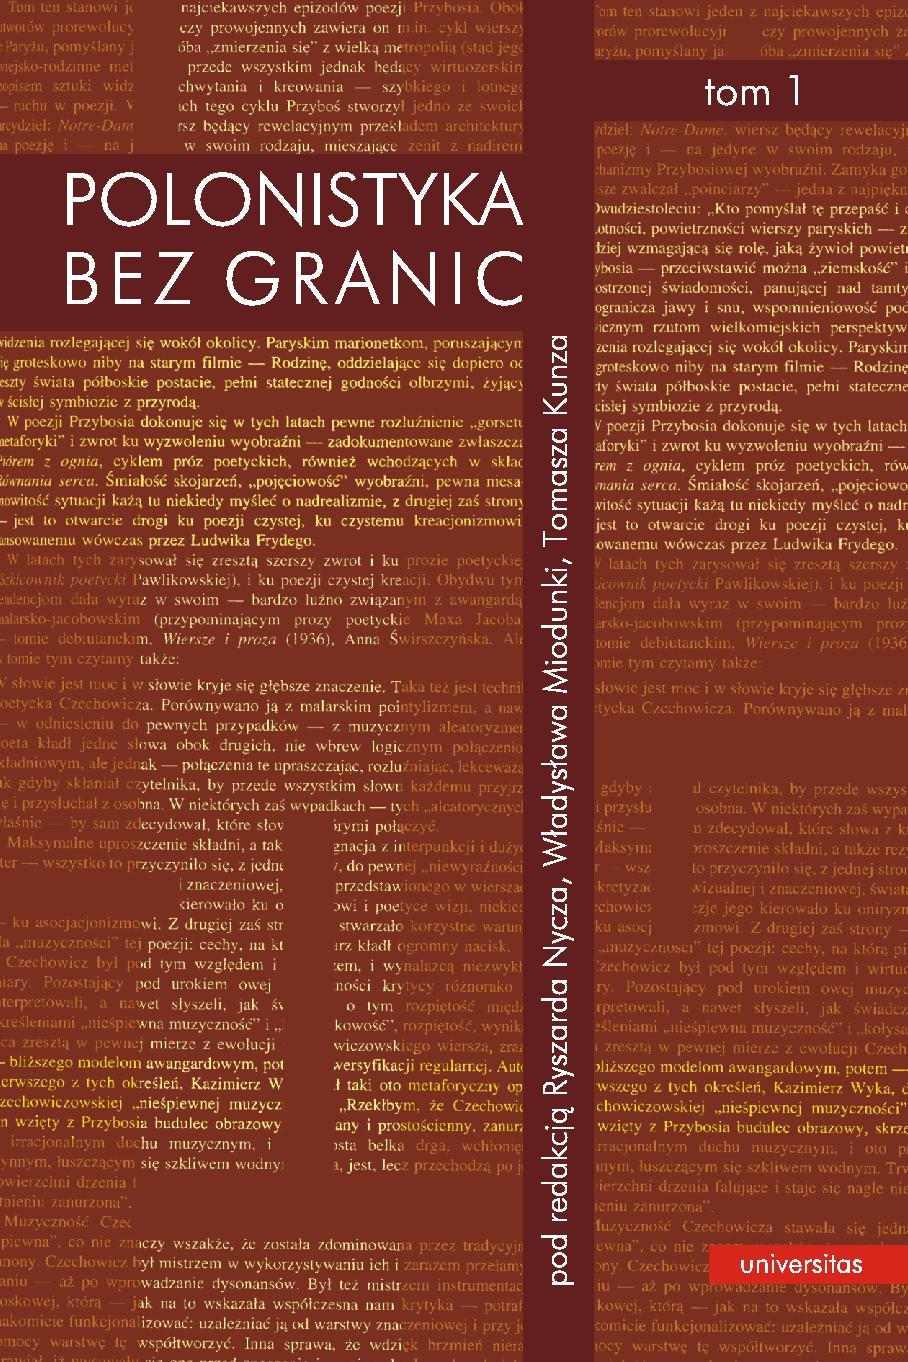 Polonistyka bez granic. Tom 1 i 2 - Ebook (Książka PDF) do pobrania w formacie PDF